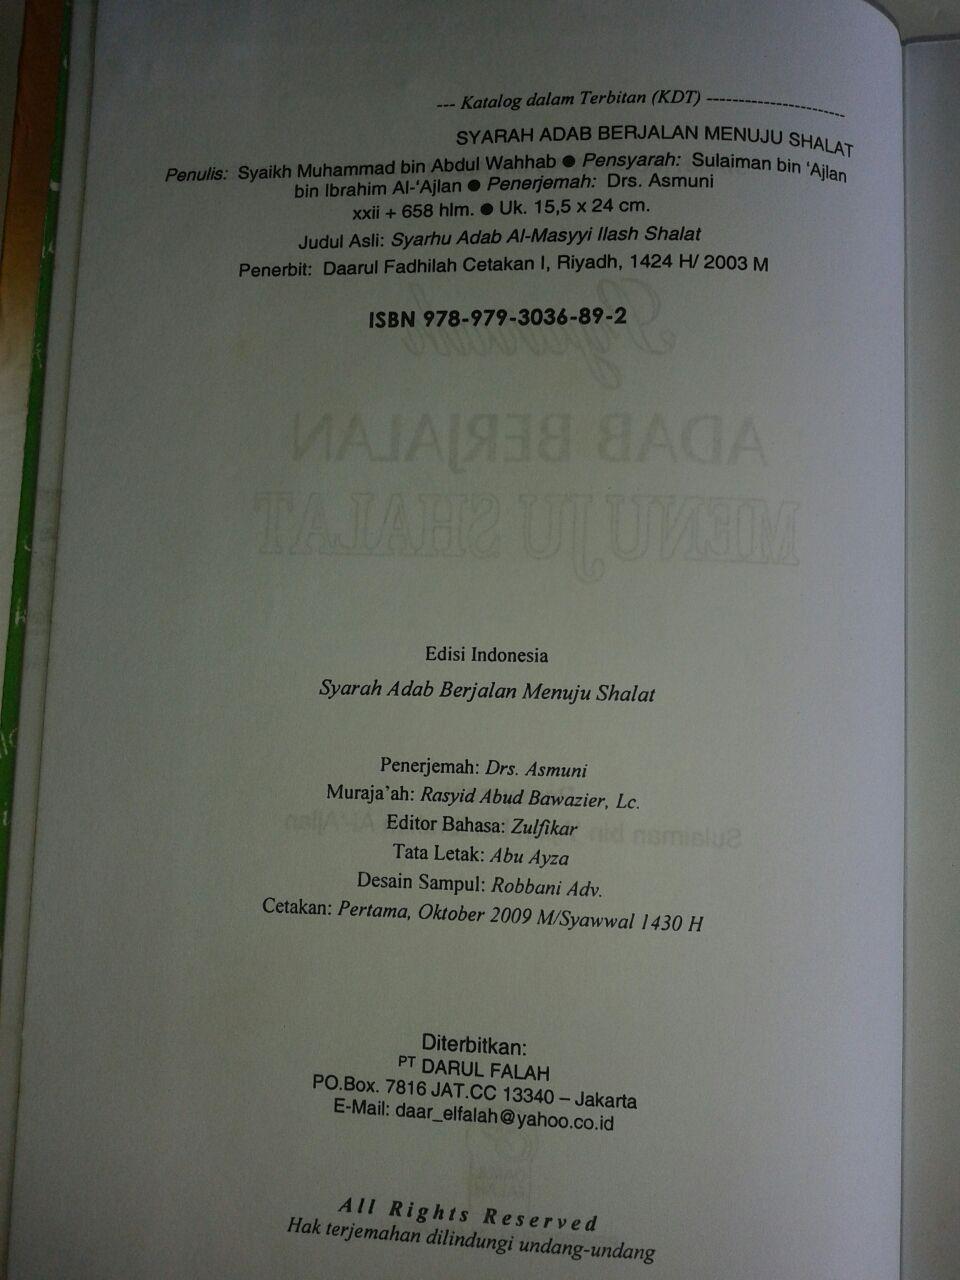 Buku Syarah Adab Berjalan Menuju Shalat isi 2